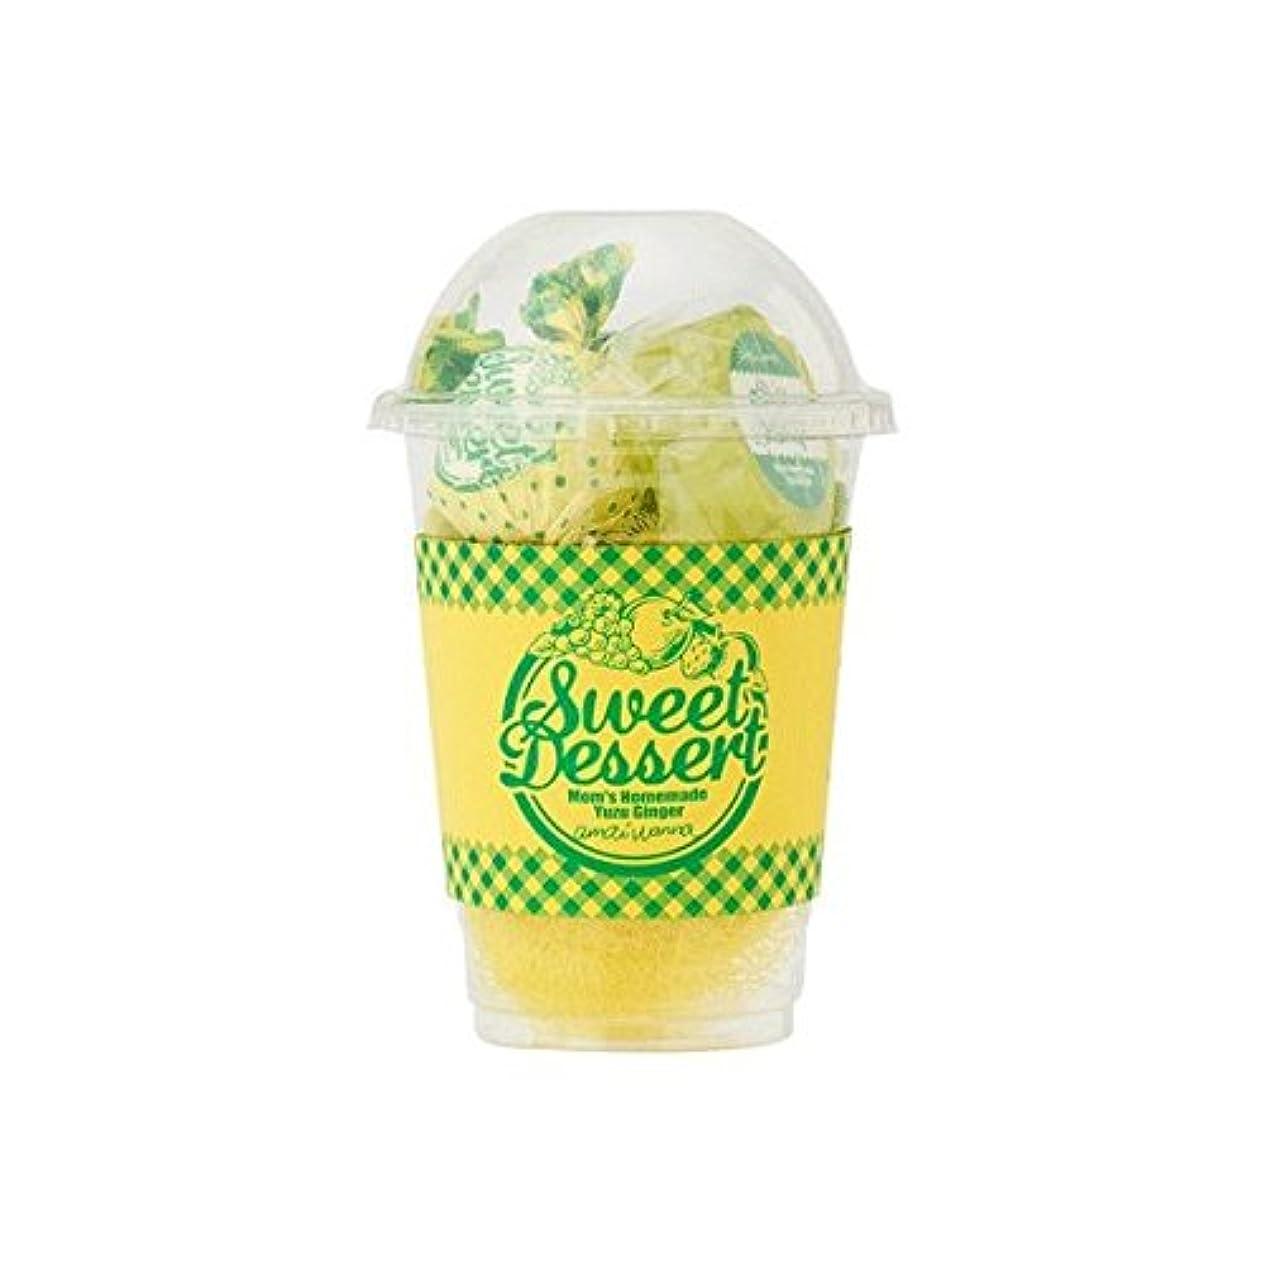 と違反するゴミ箱を空にするアマイワナスイーツカップセット ママのゆずジンジャー(バスキャンディー(2個)?プチソープ(1個)?スポンジ(1個) )